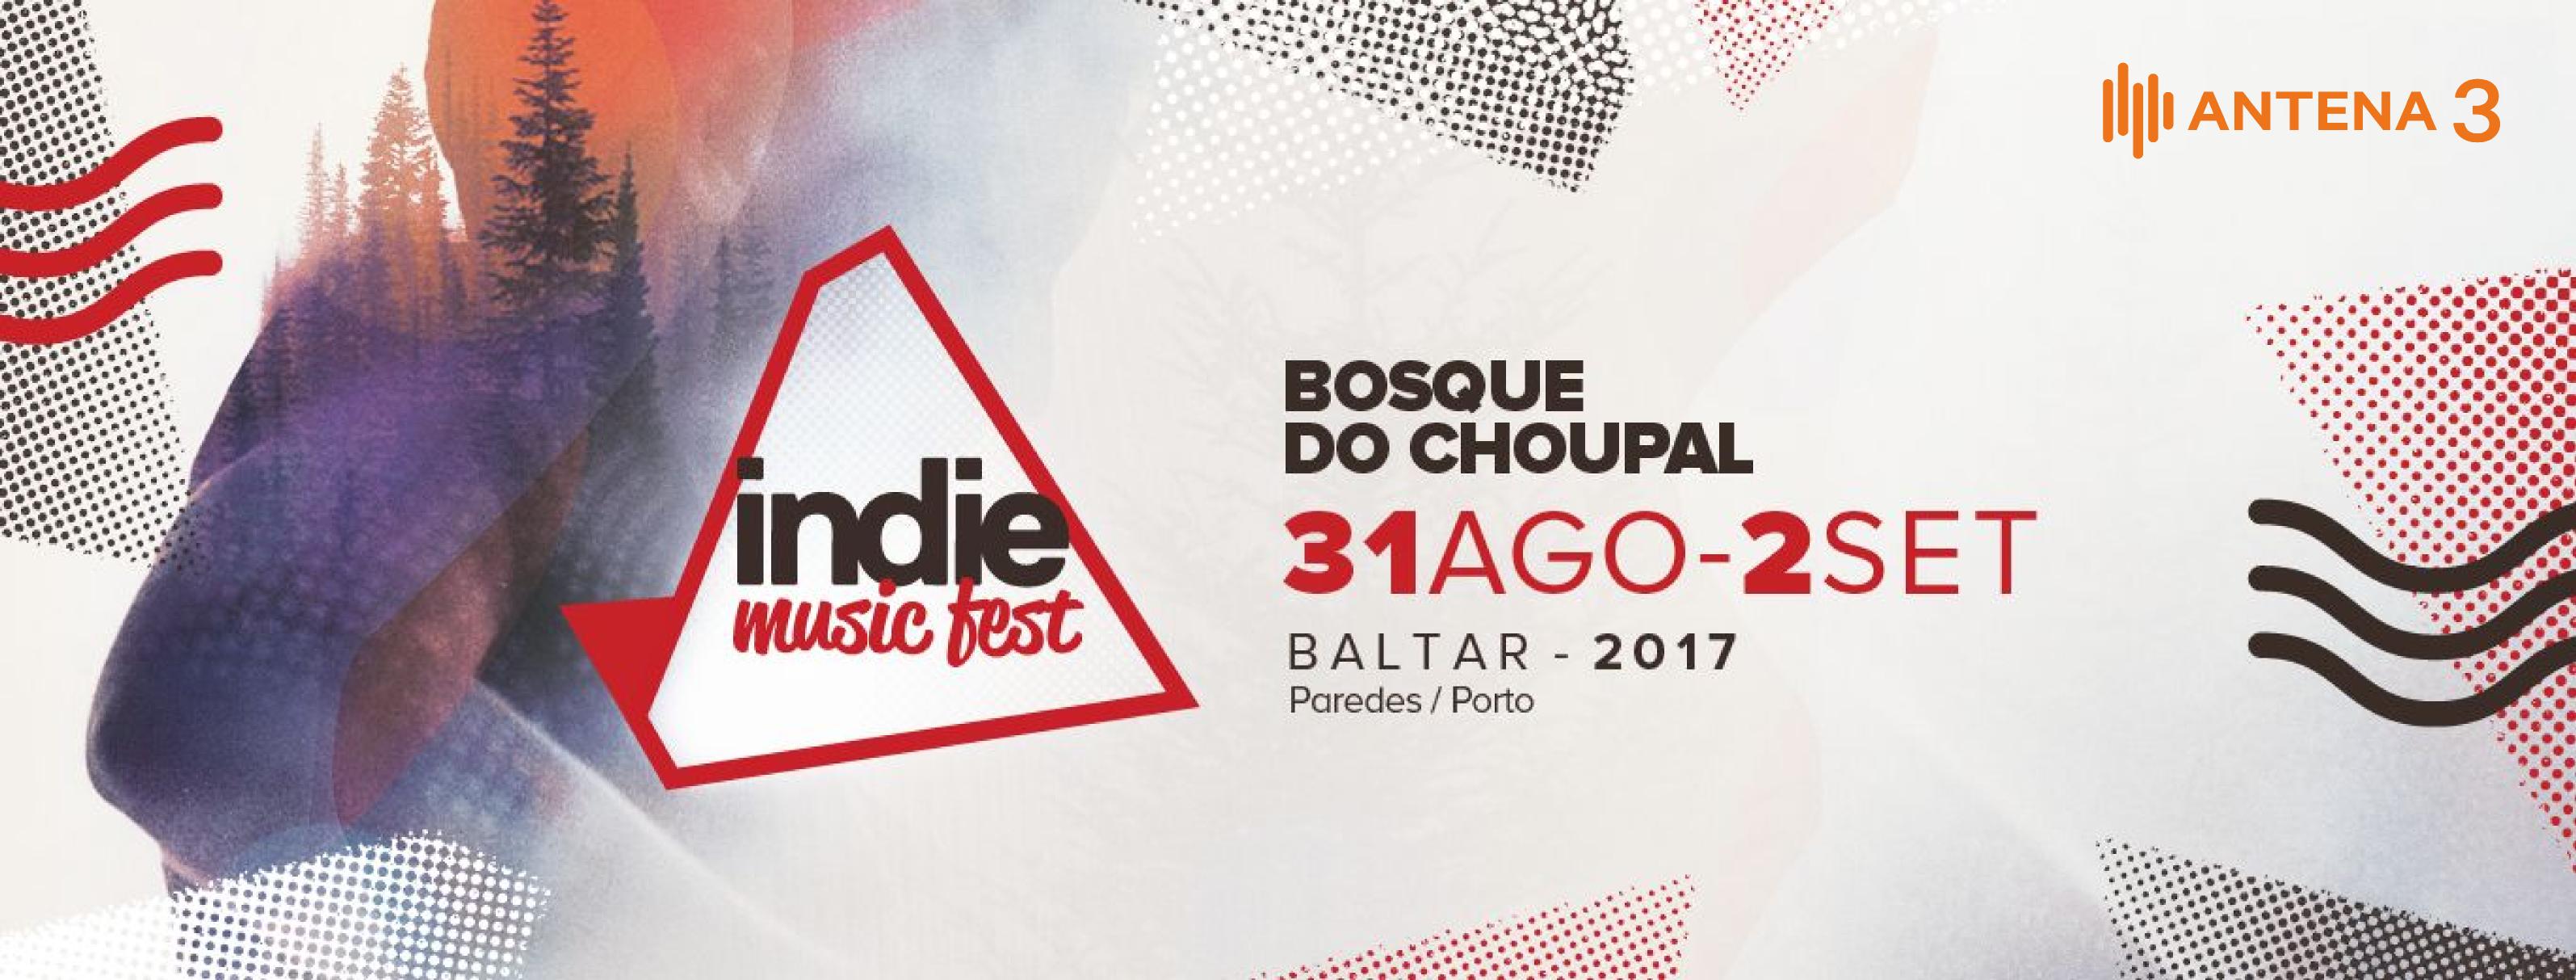 Passatempo Indie Music Fest: o M de Música está a oferecer três passes gerais